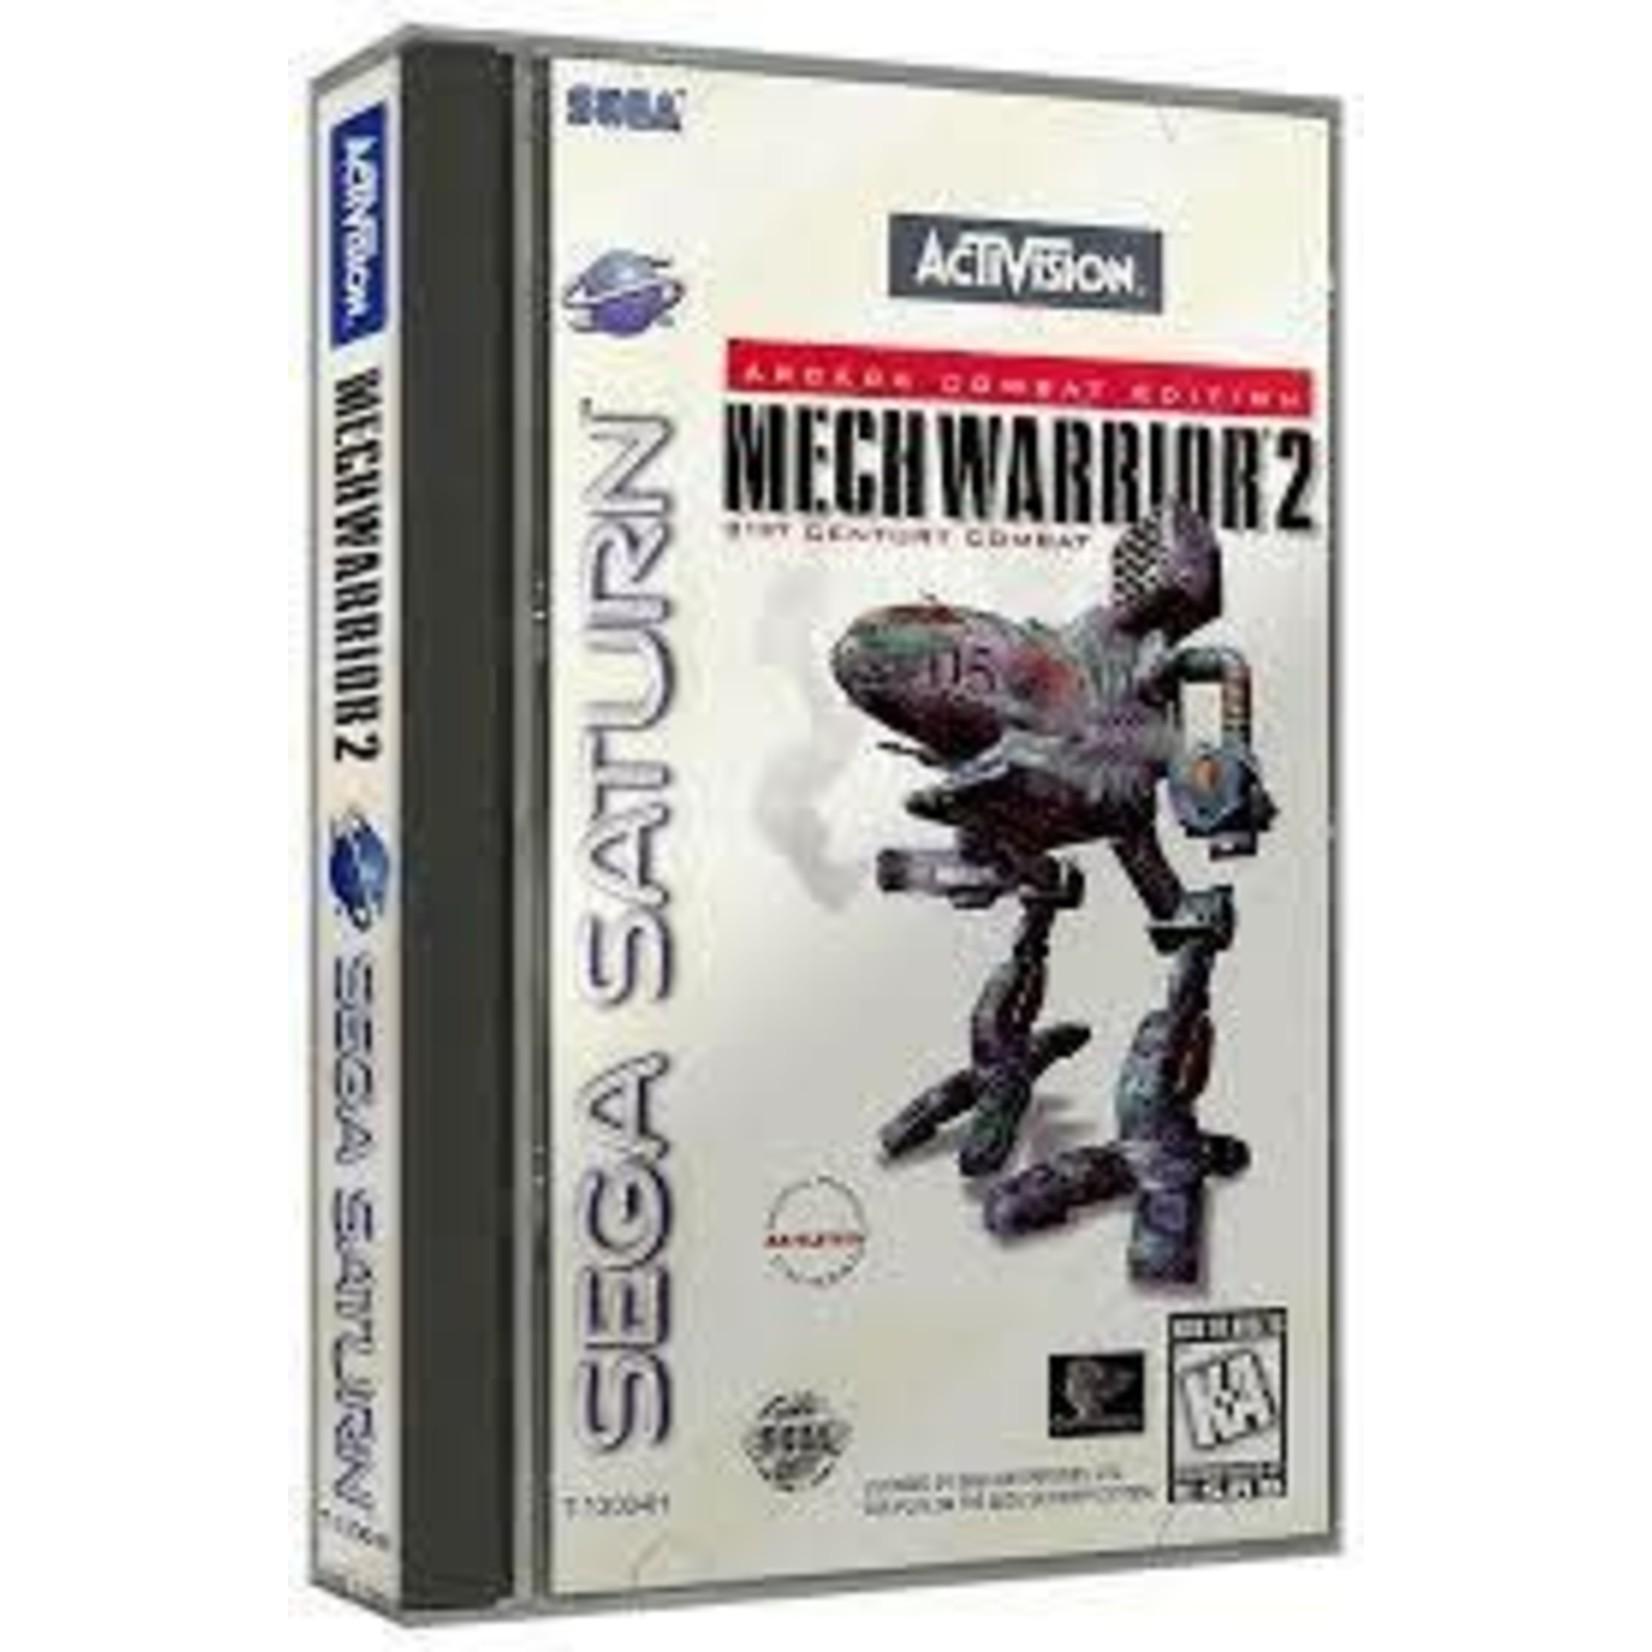 SSU-MechWarrior 2